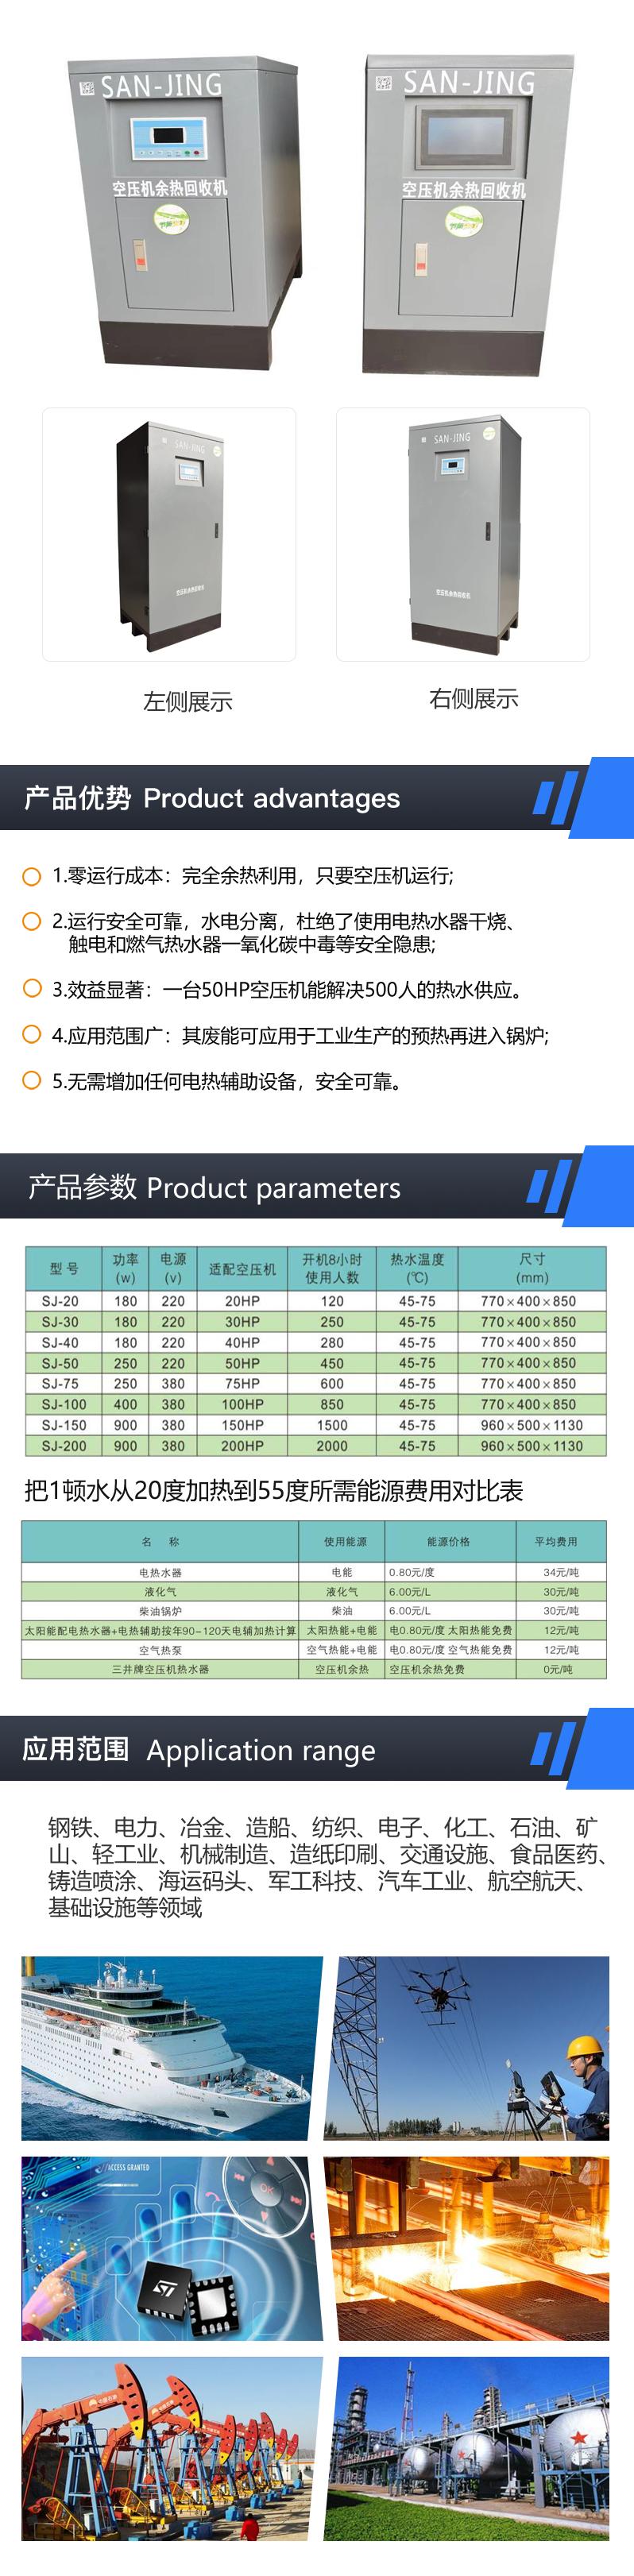 三井空压机余热回收机SJ-30ADY-11.png